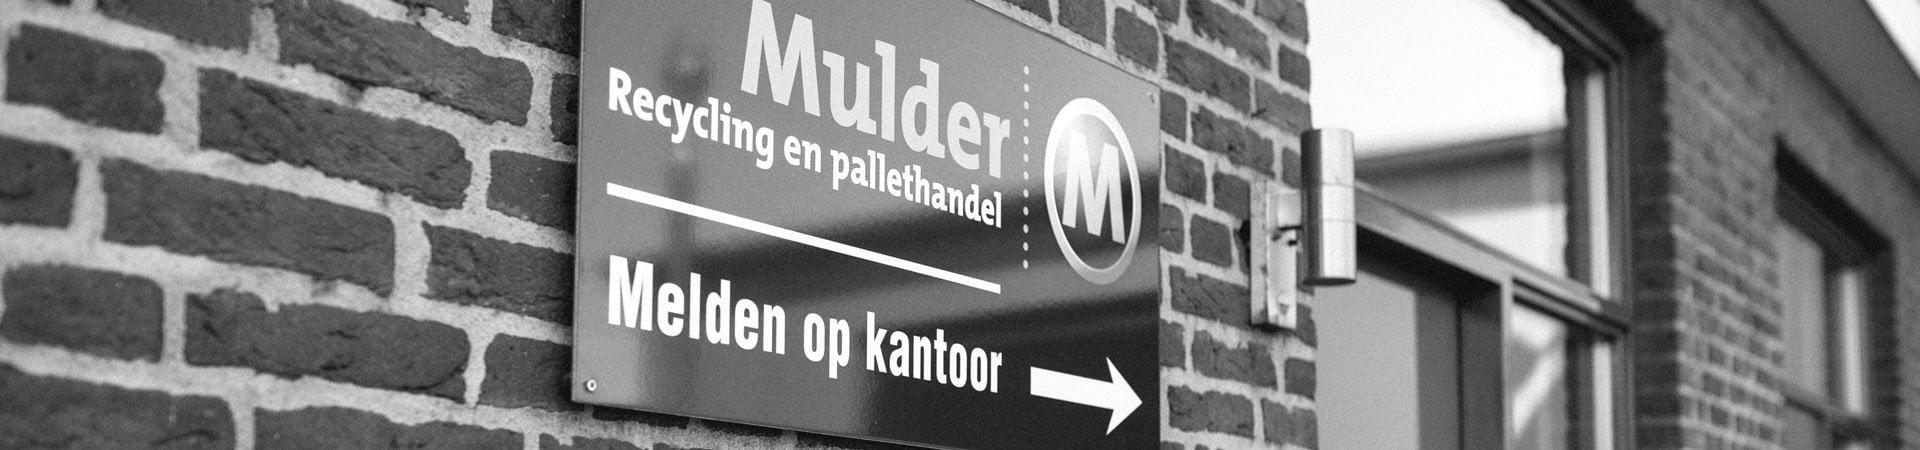 Mulder Recycling pallethandel kantoor